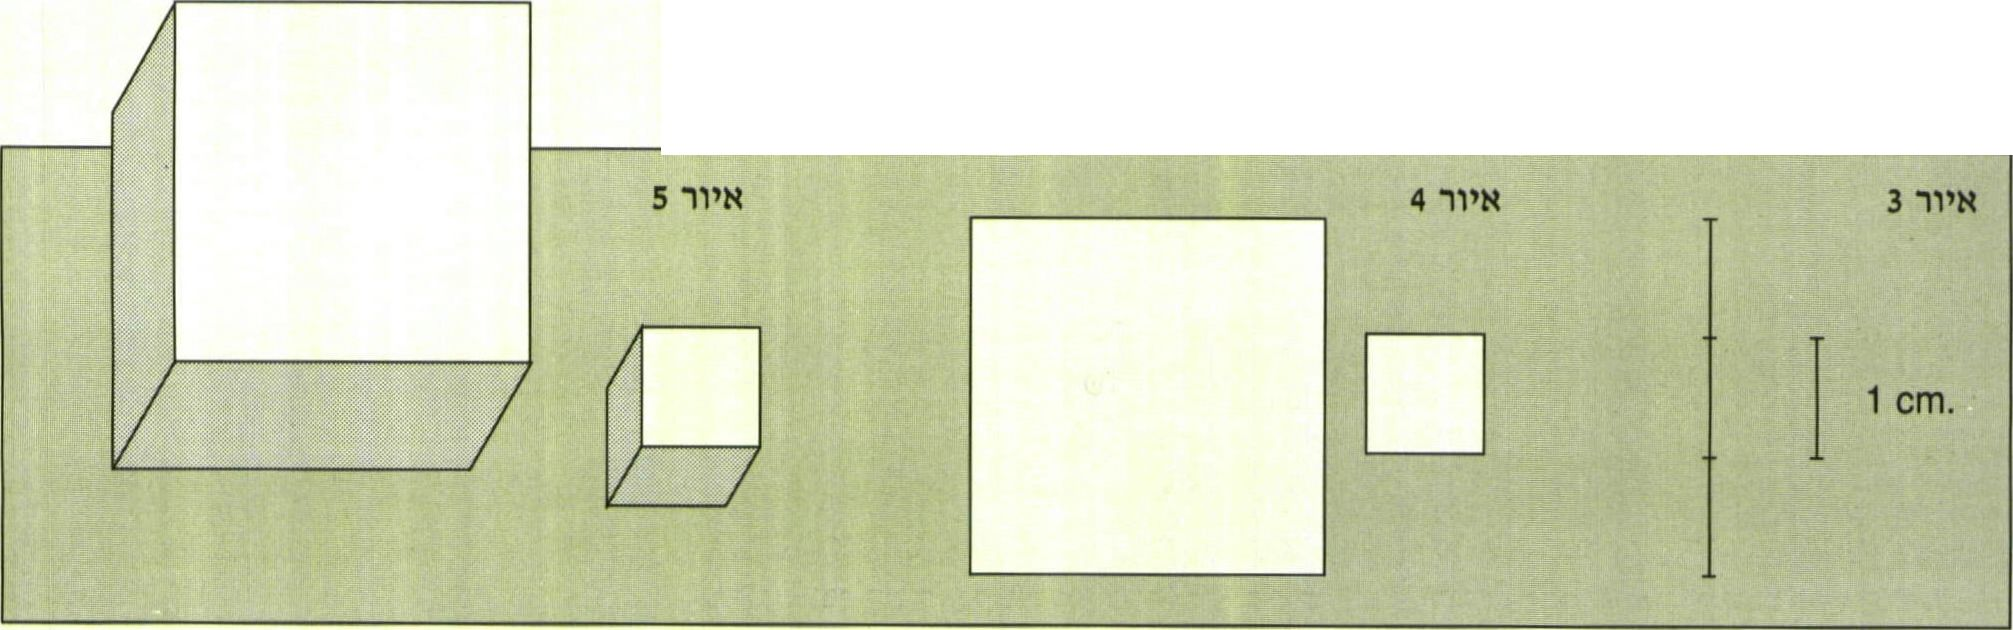 m066p007-3